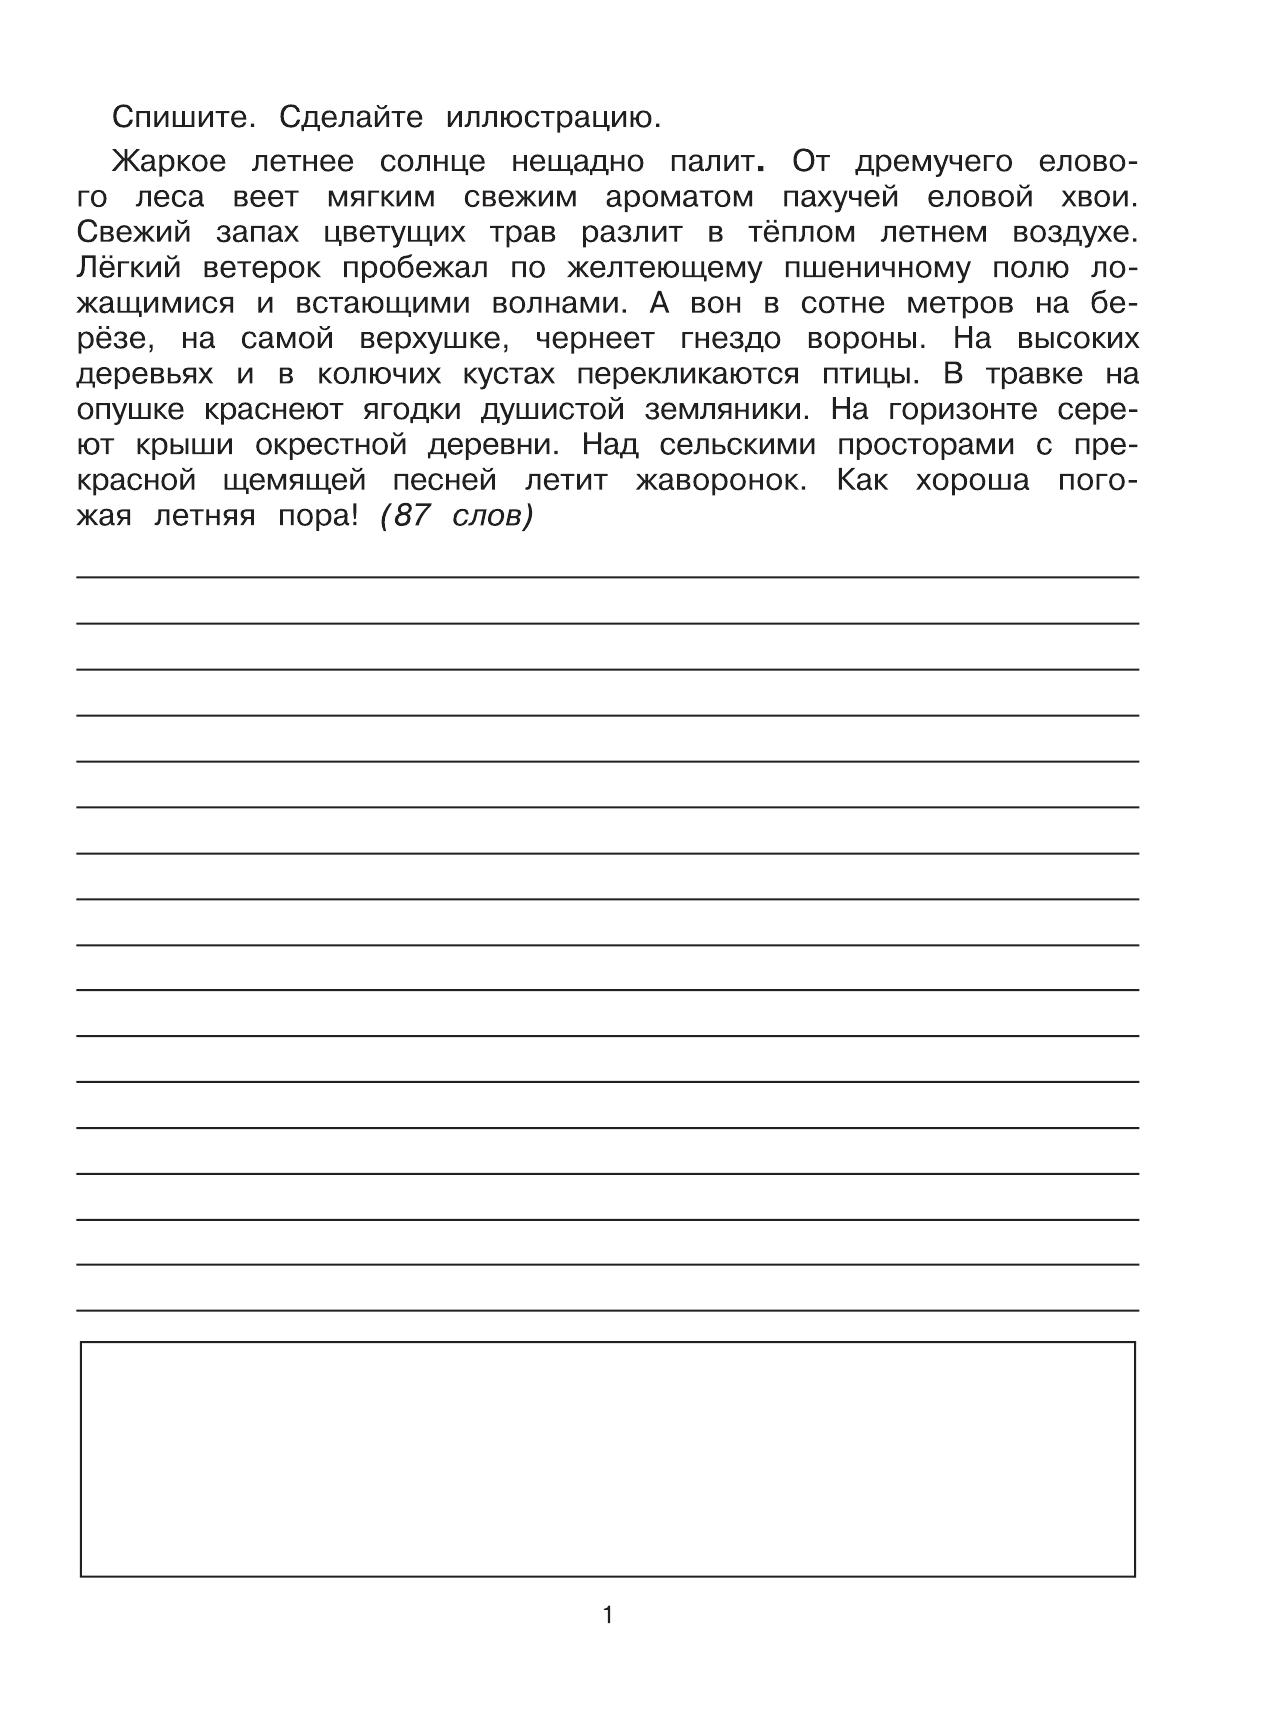 заданий по русскому языку Контрольное списывание класс  3000 заданий по русскому языку Контрольное списывание 4 класс страница 2